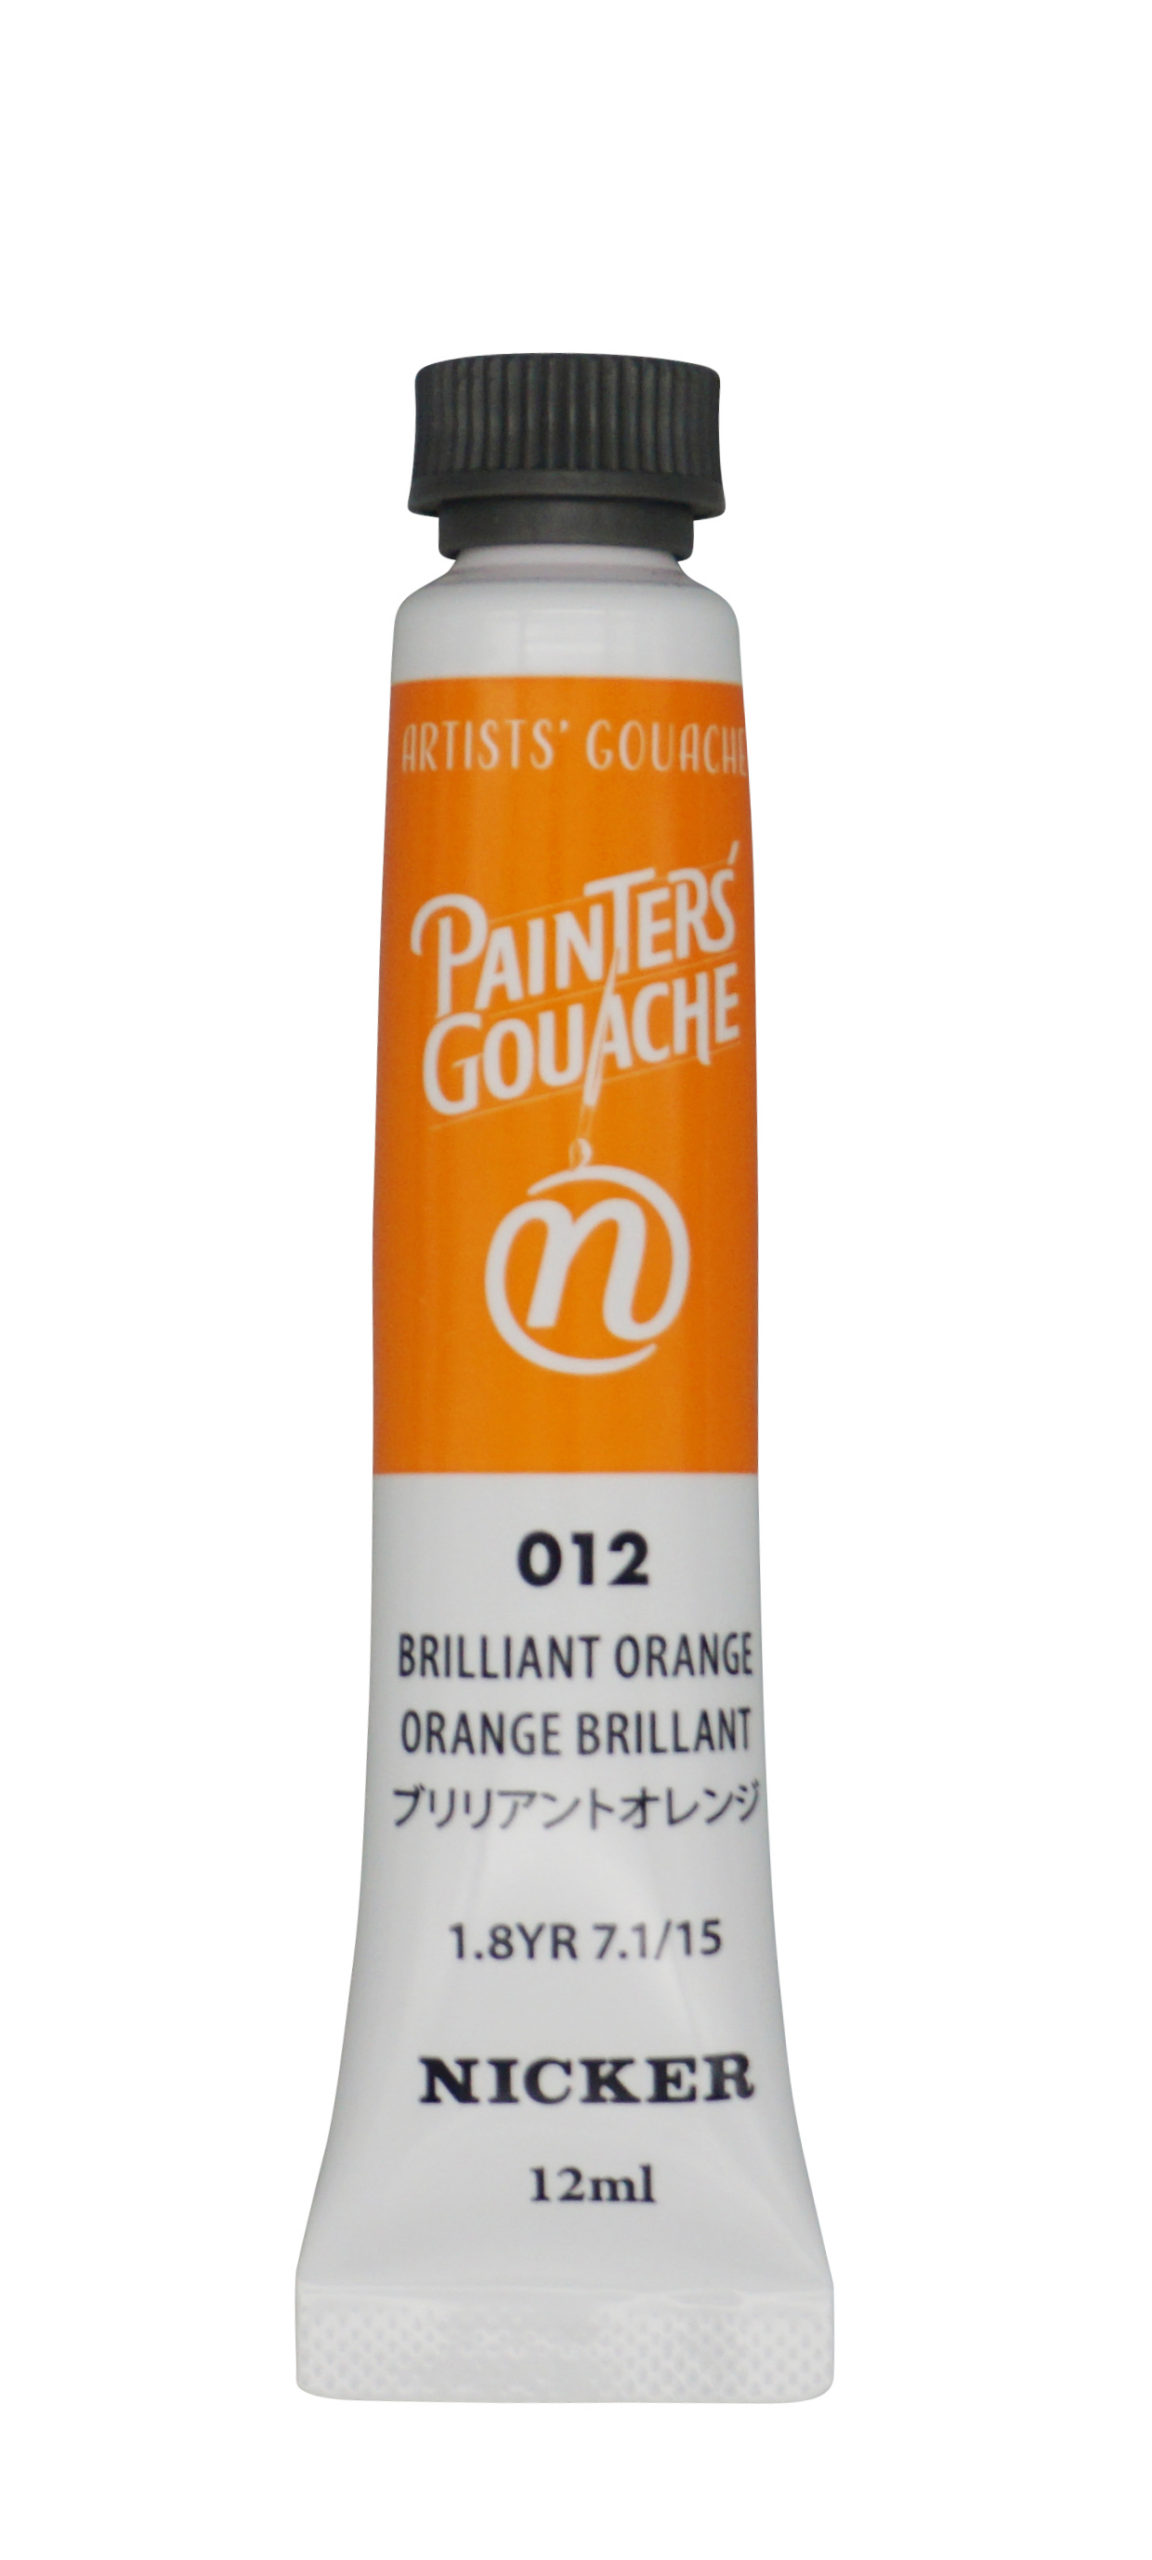 PAINTER'S GOUACHE BRILLIANT ORANGE